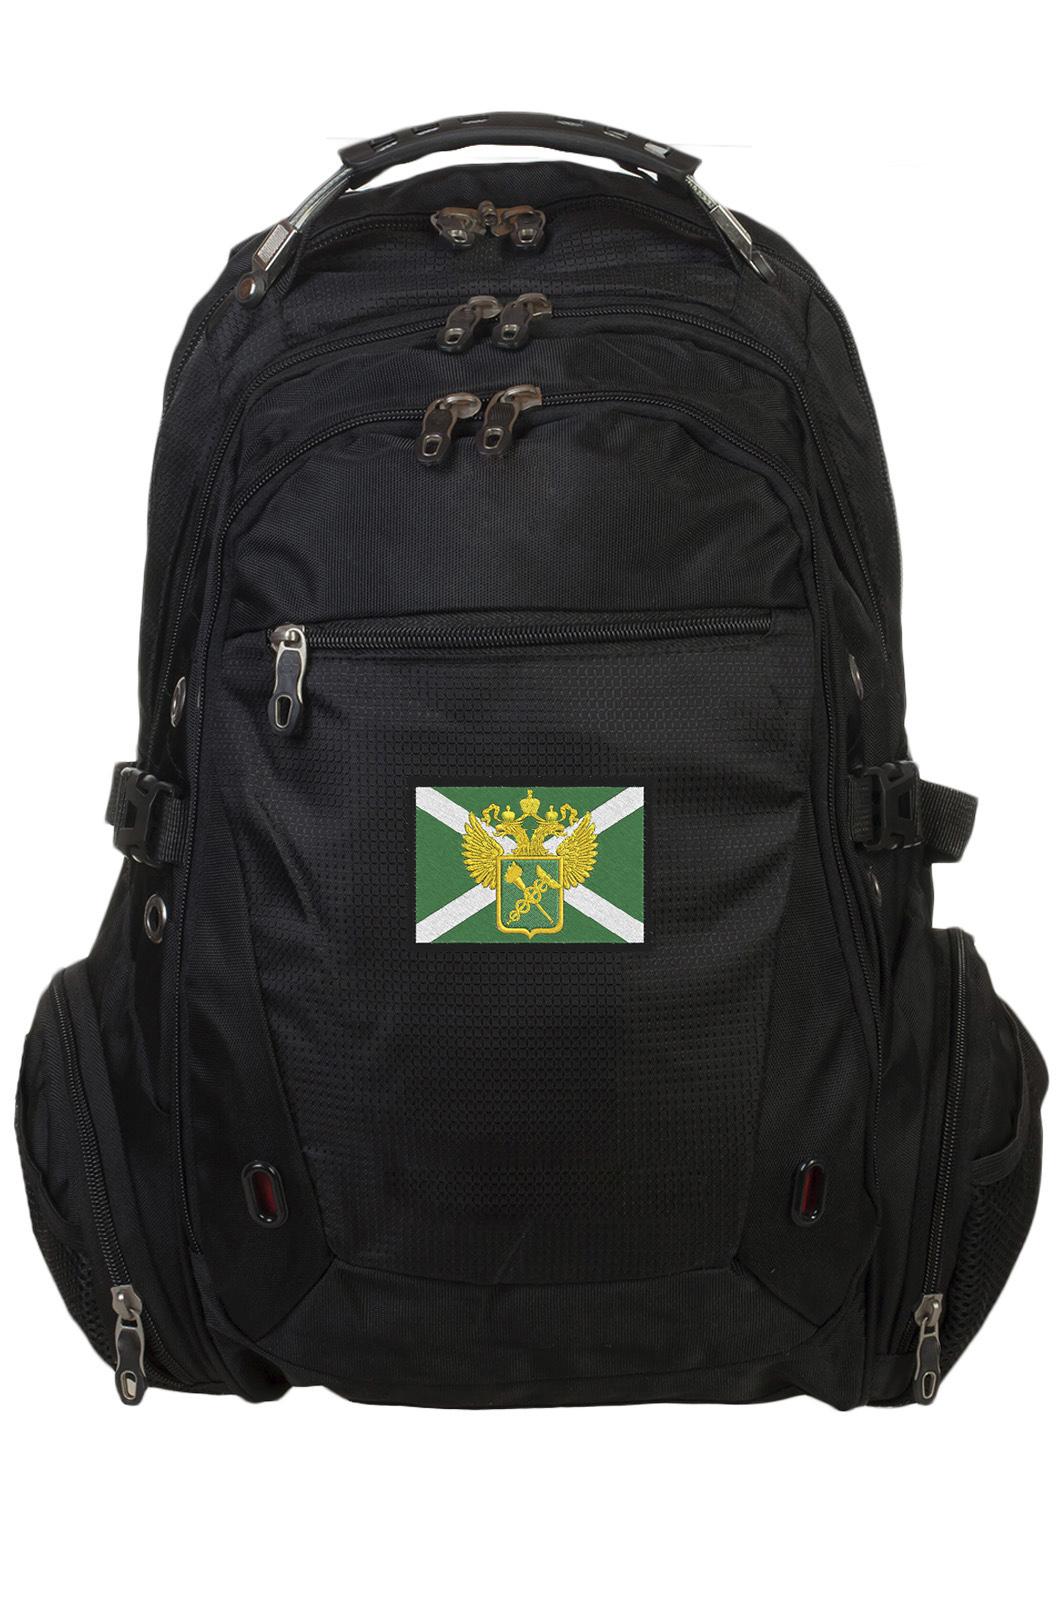 Многофункциональный городской рюкзак с эмблемой ТАМОЖНЯ